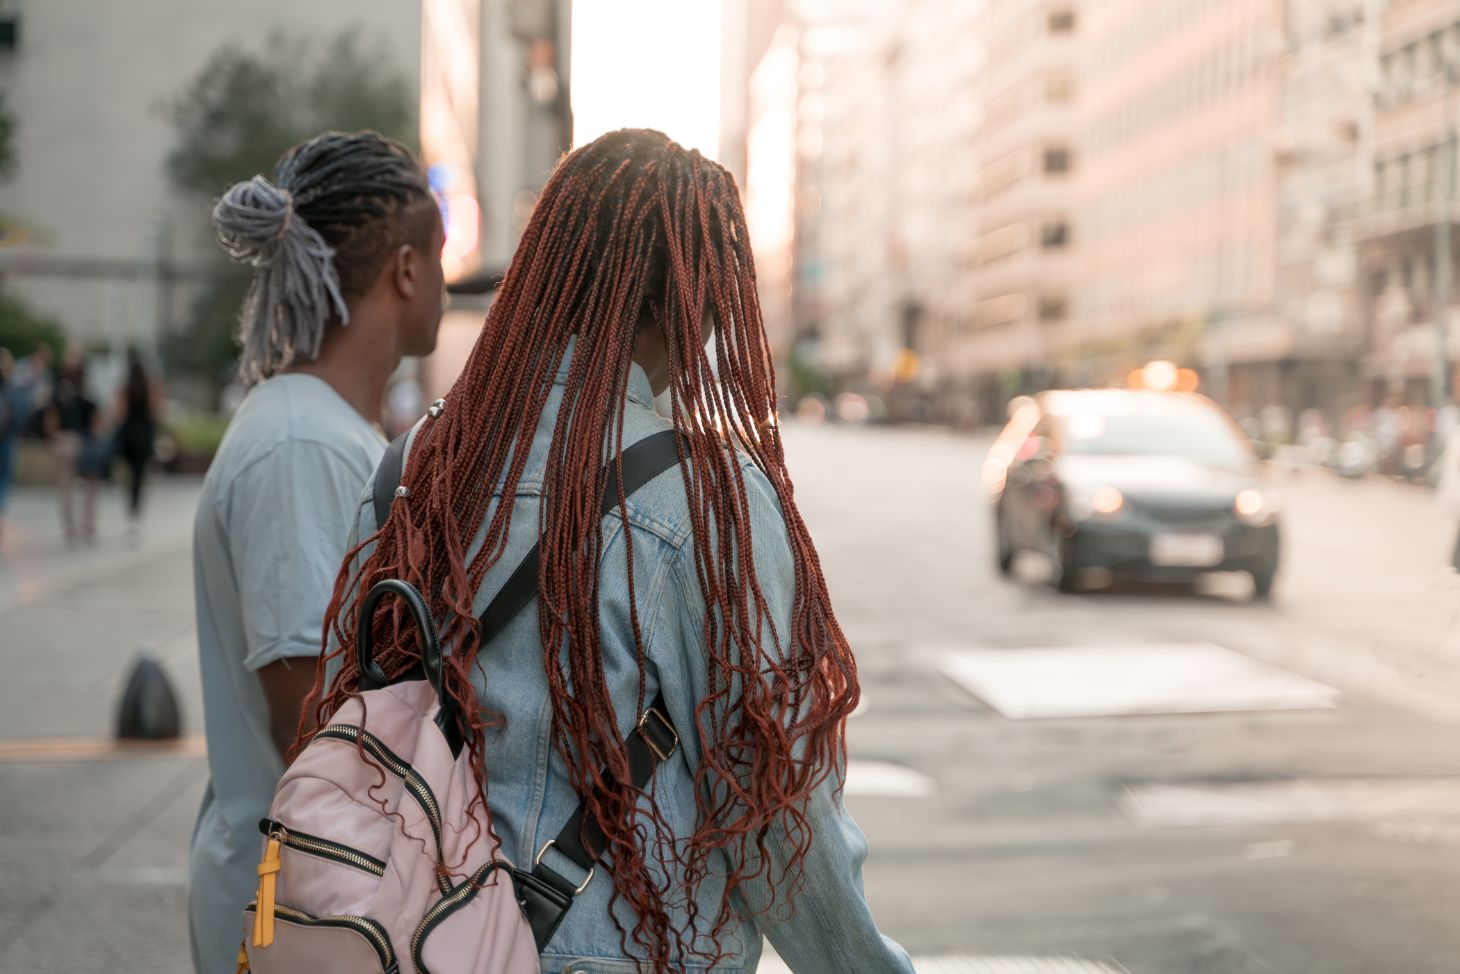 pedestres negros esperam para atravessar rua nos estados unidos